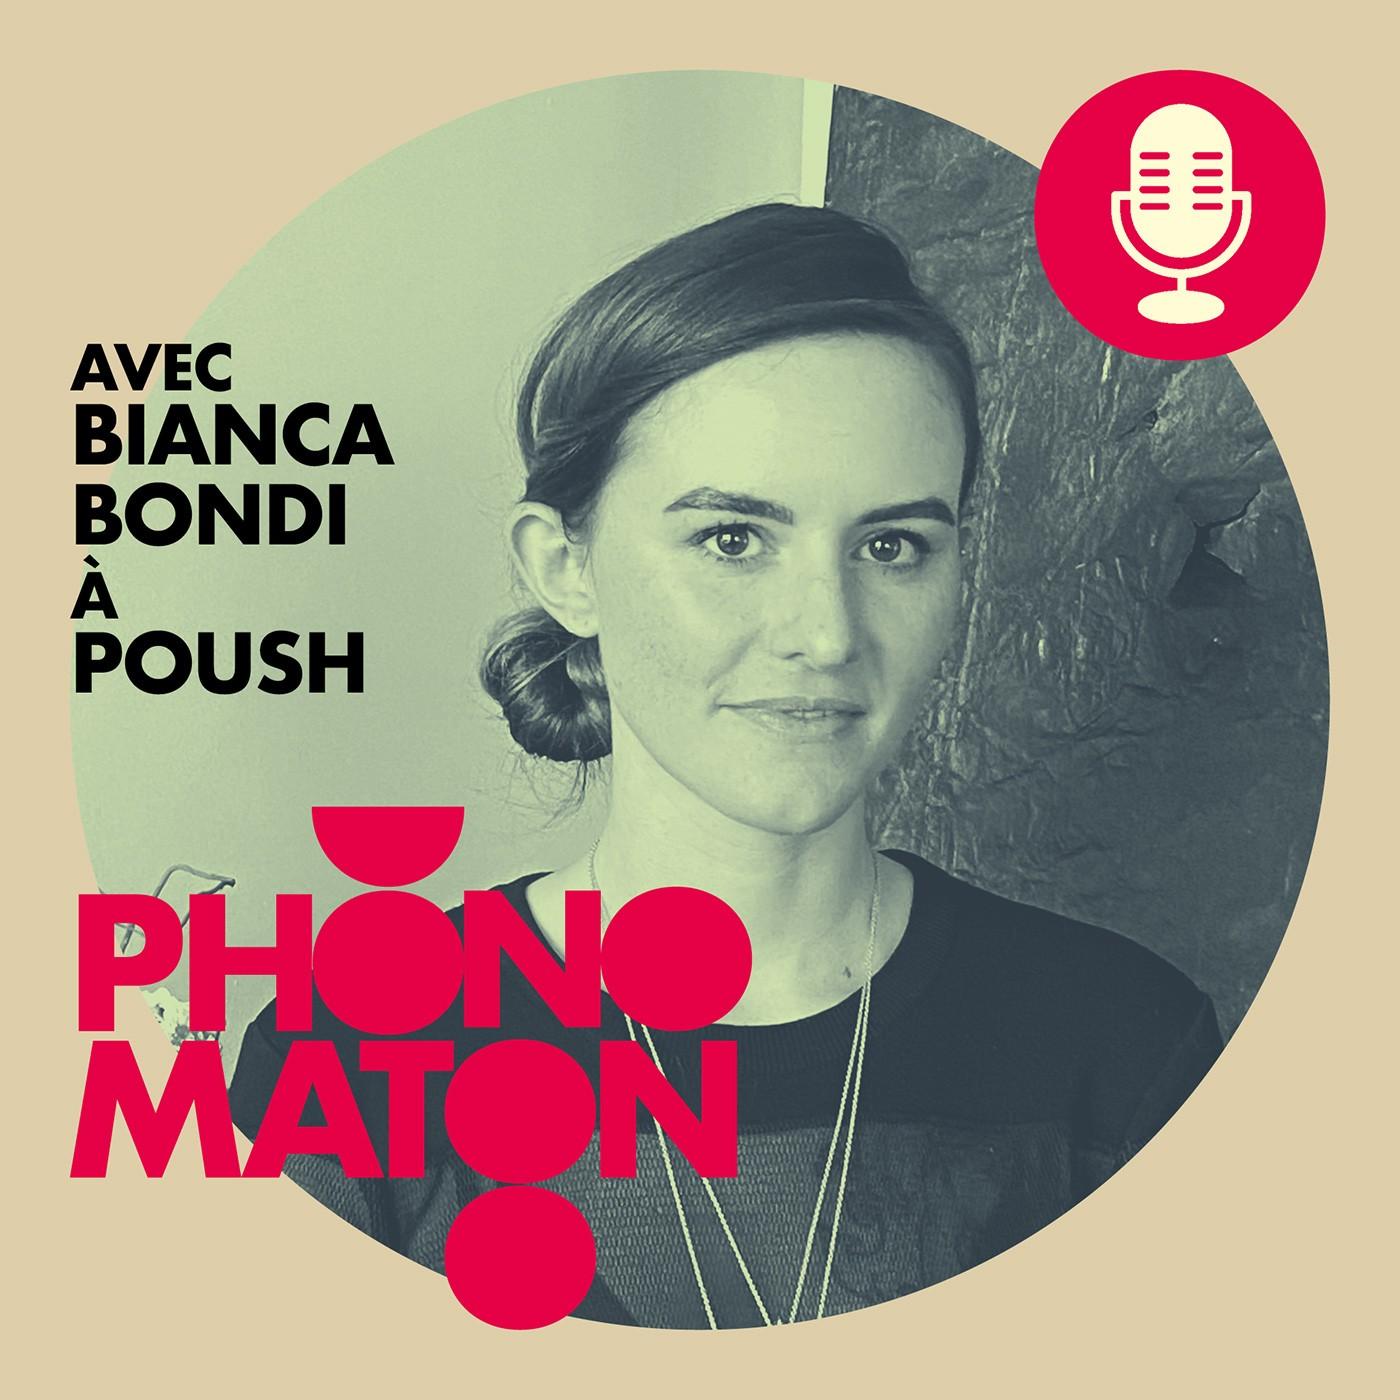 Phonomaton à Poush avec Bianca Bondi